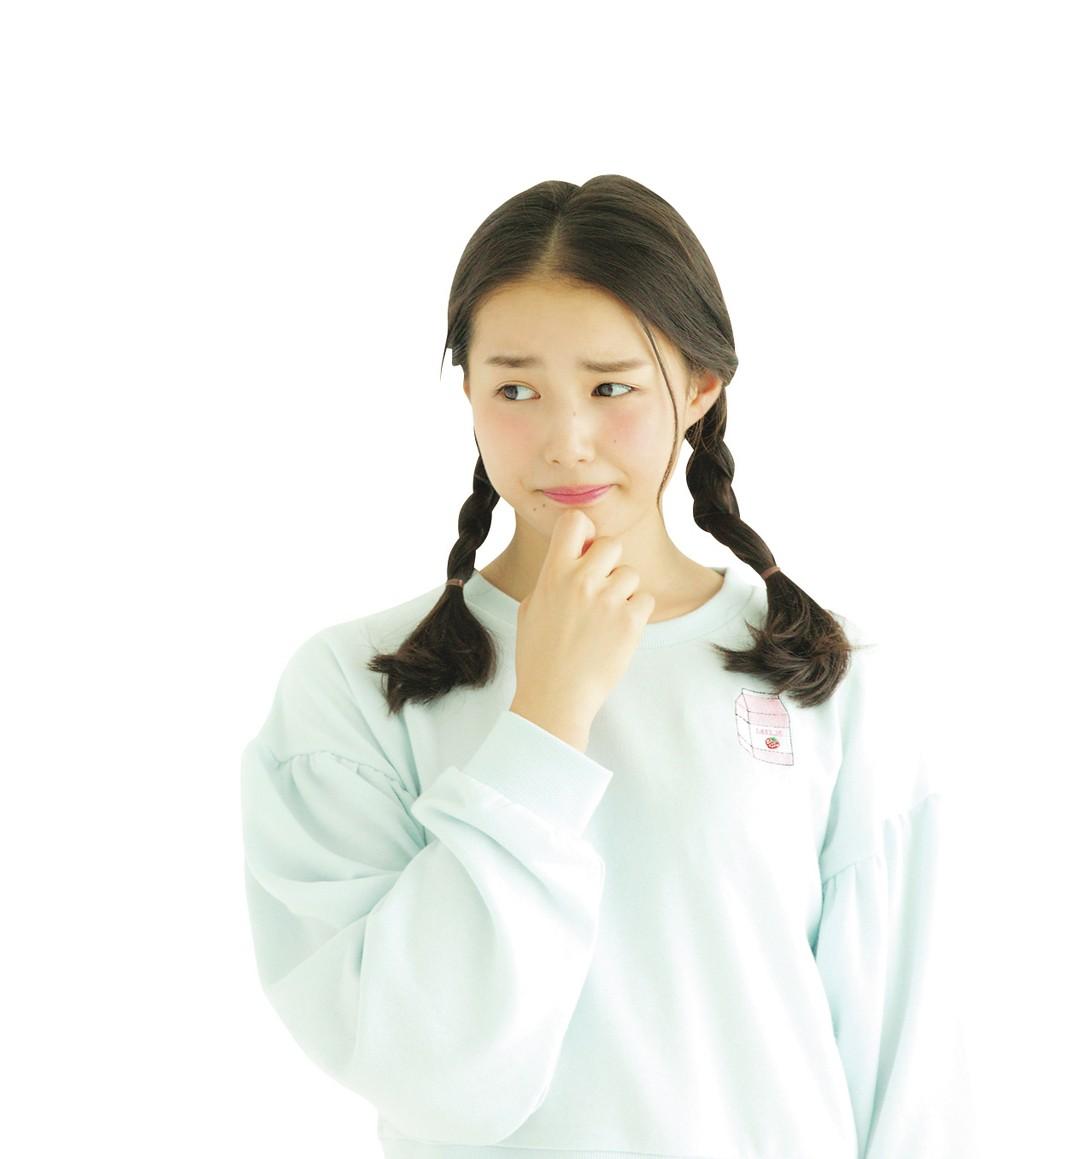 【1位】お菓子・ジュース抜きダイエット